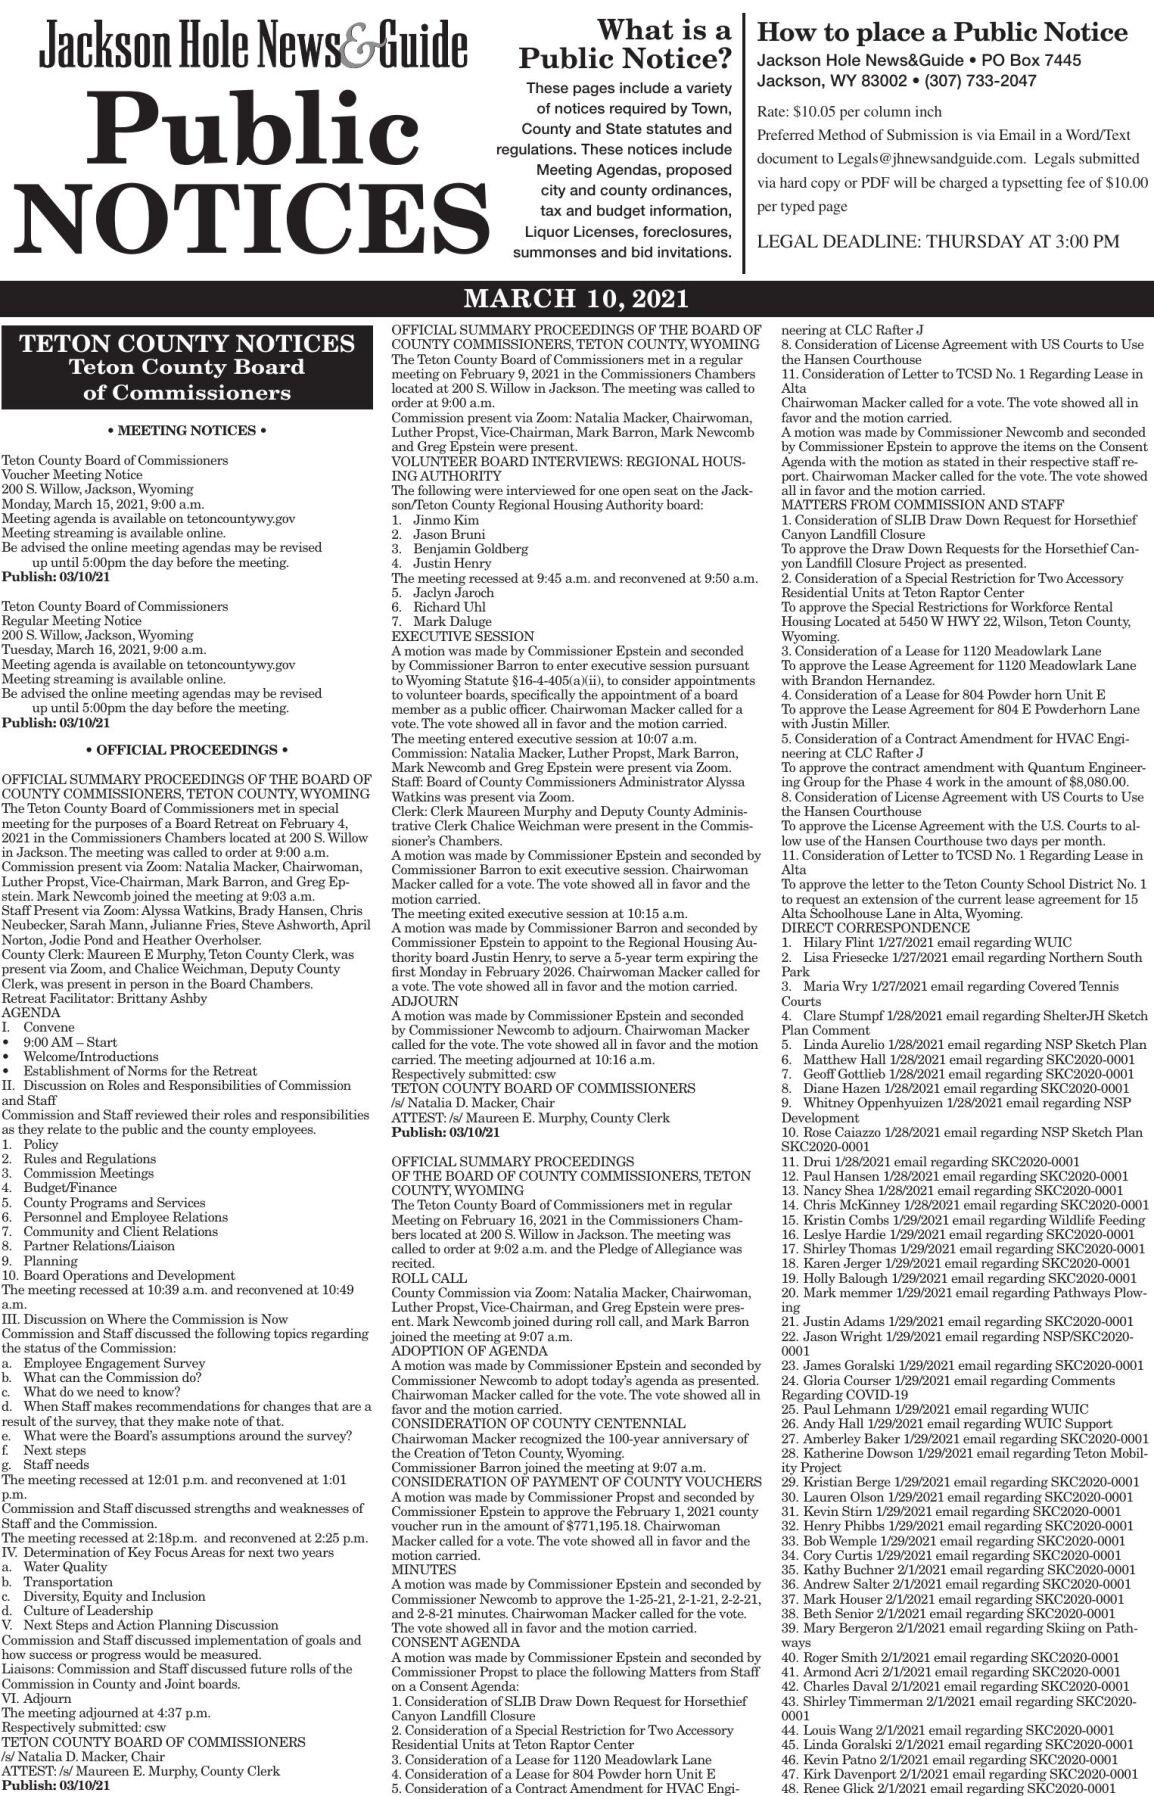 Public Notices, March10, 2021